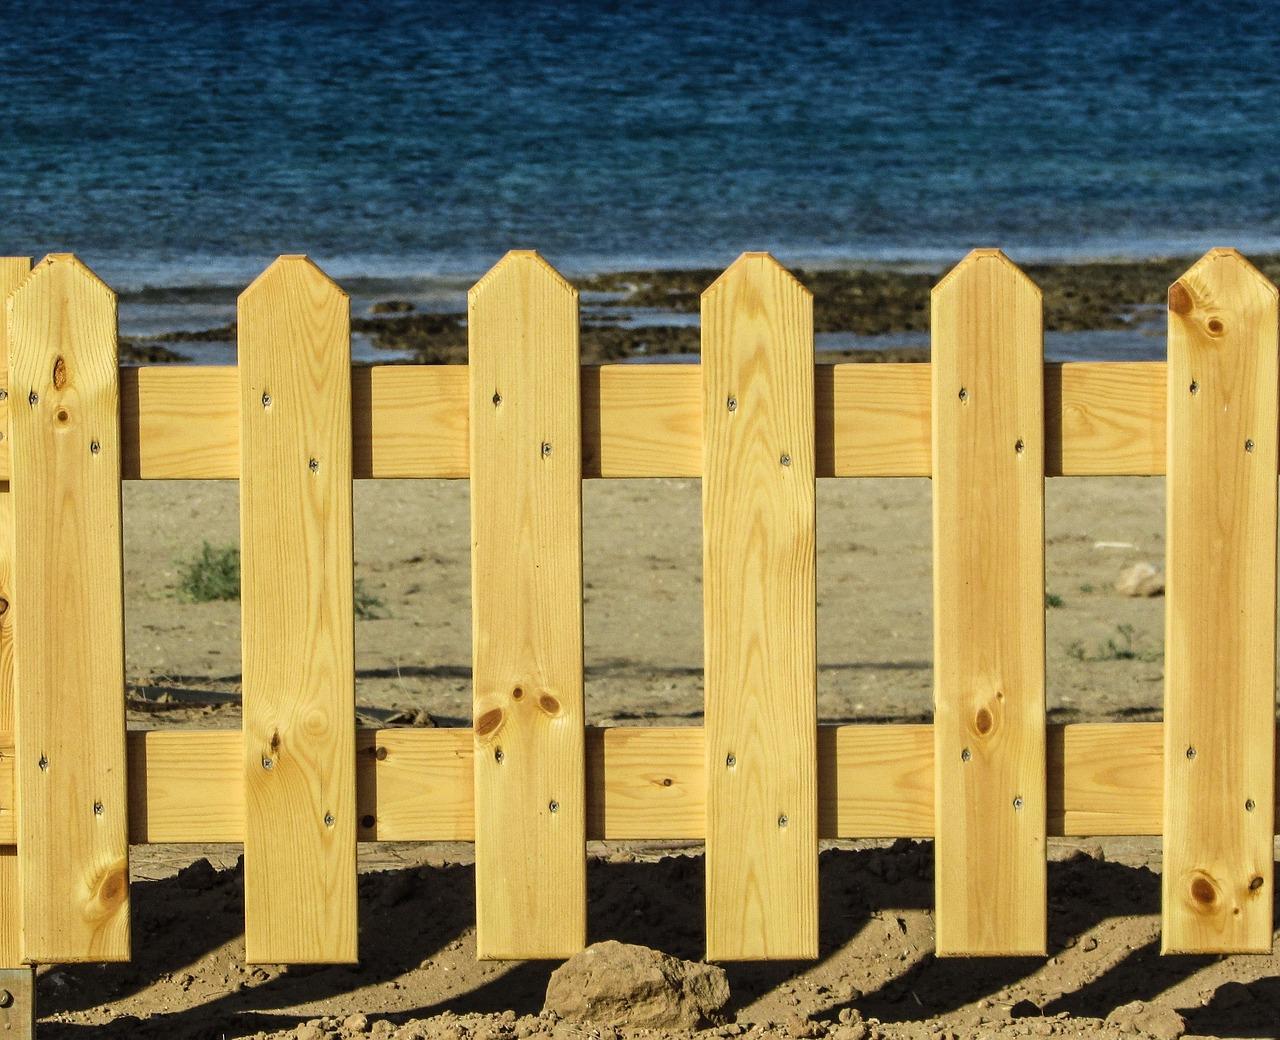 удаляется забор деревянный фотогалерея фото увидел репост